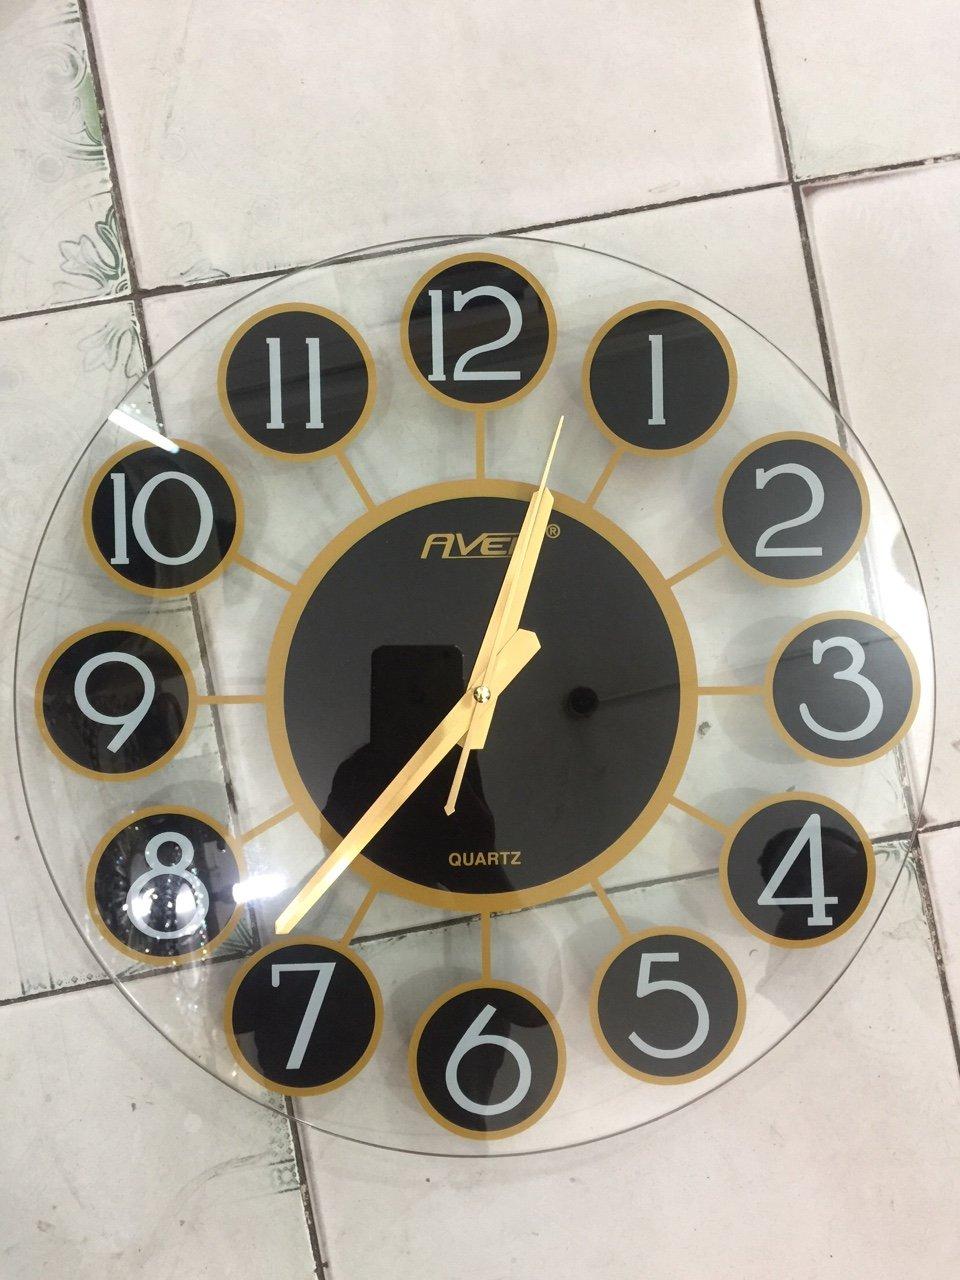 Xưởng sản xuất đồng hồ tròn trong suốt số nổi